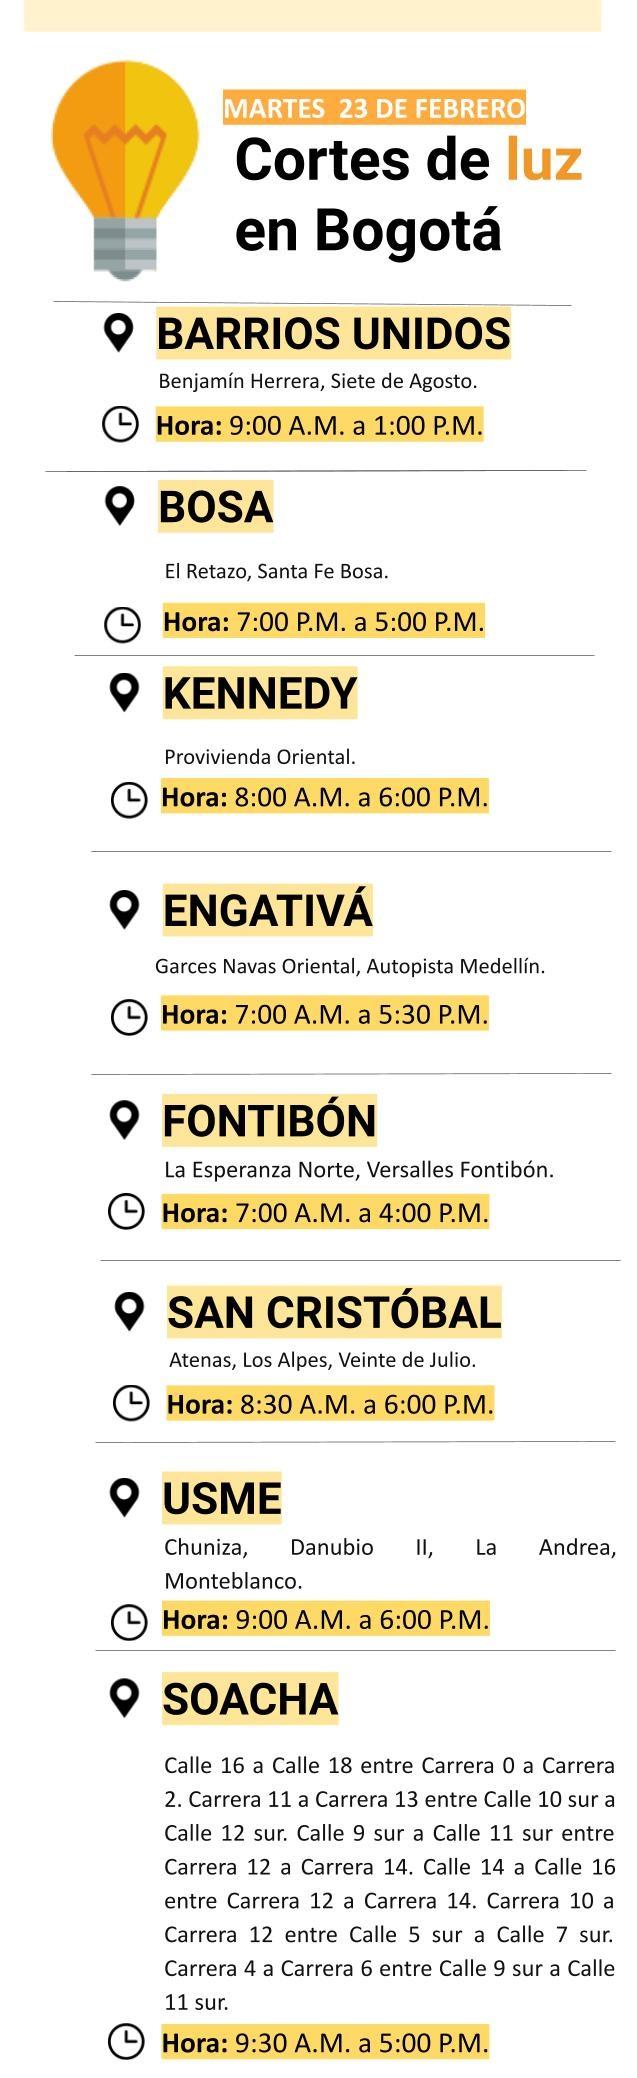 Cortes de luz para el martes 23 de febrero en Bogotá